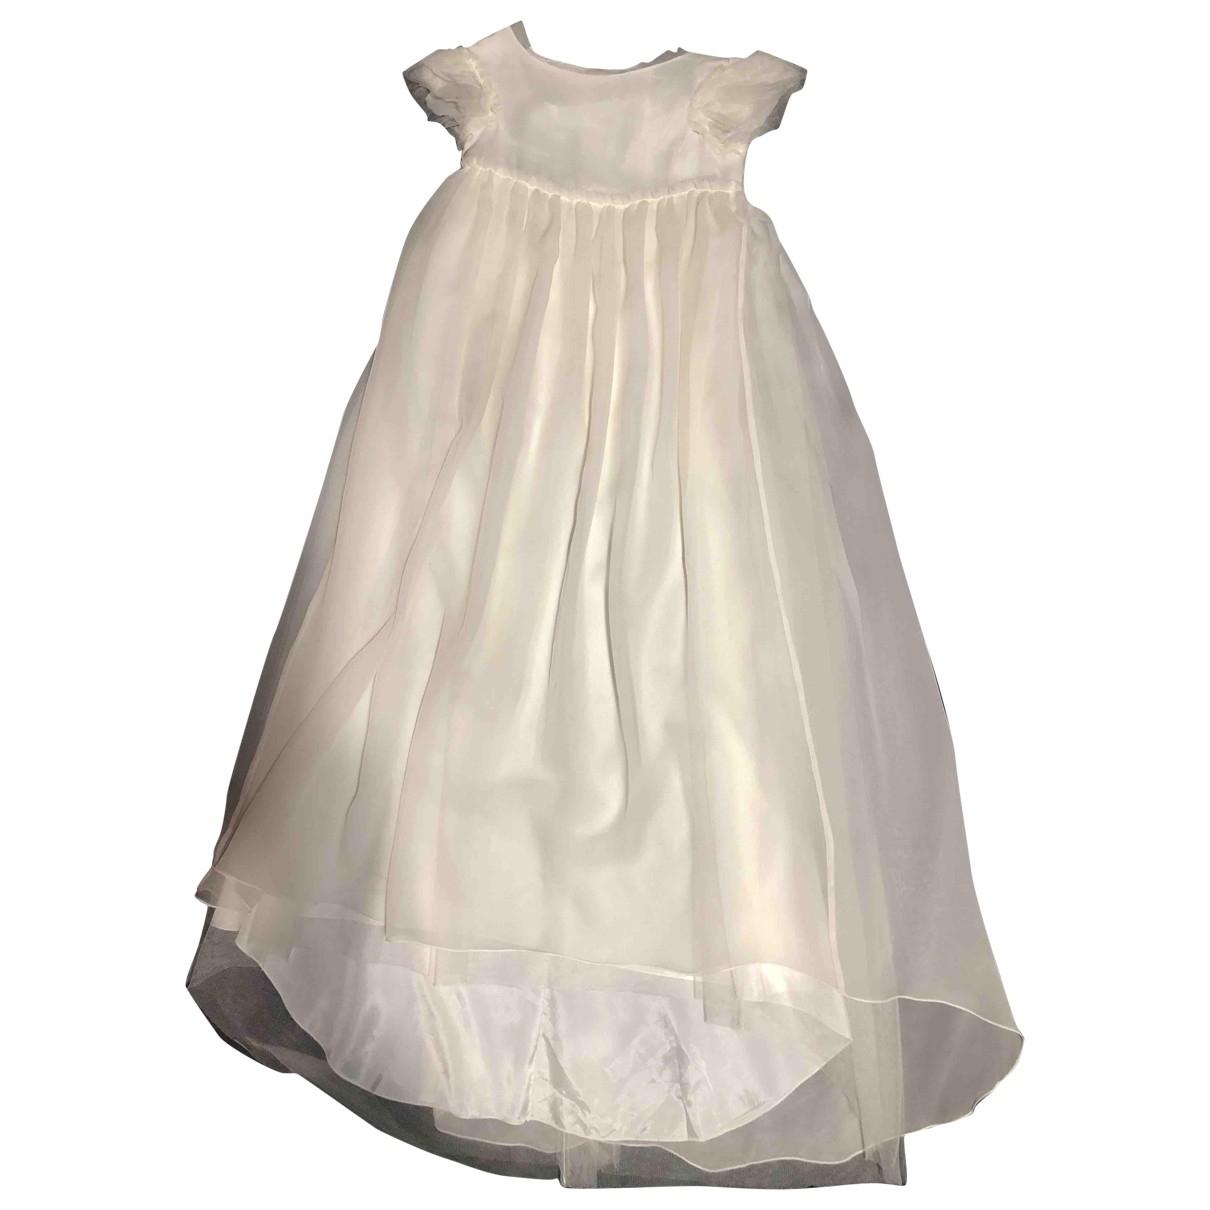 Bonpoint \N Kleid in  Ecru Seide